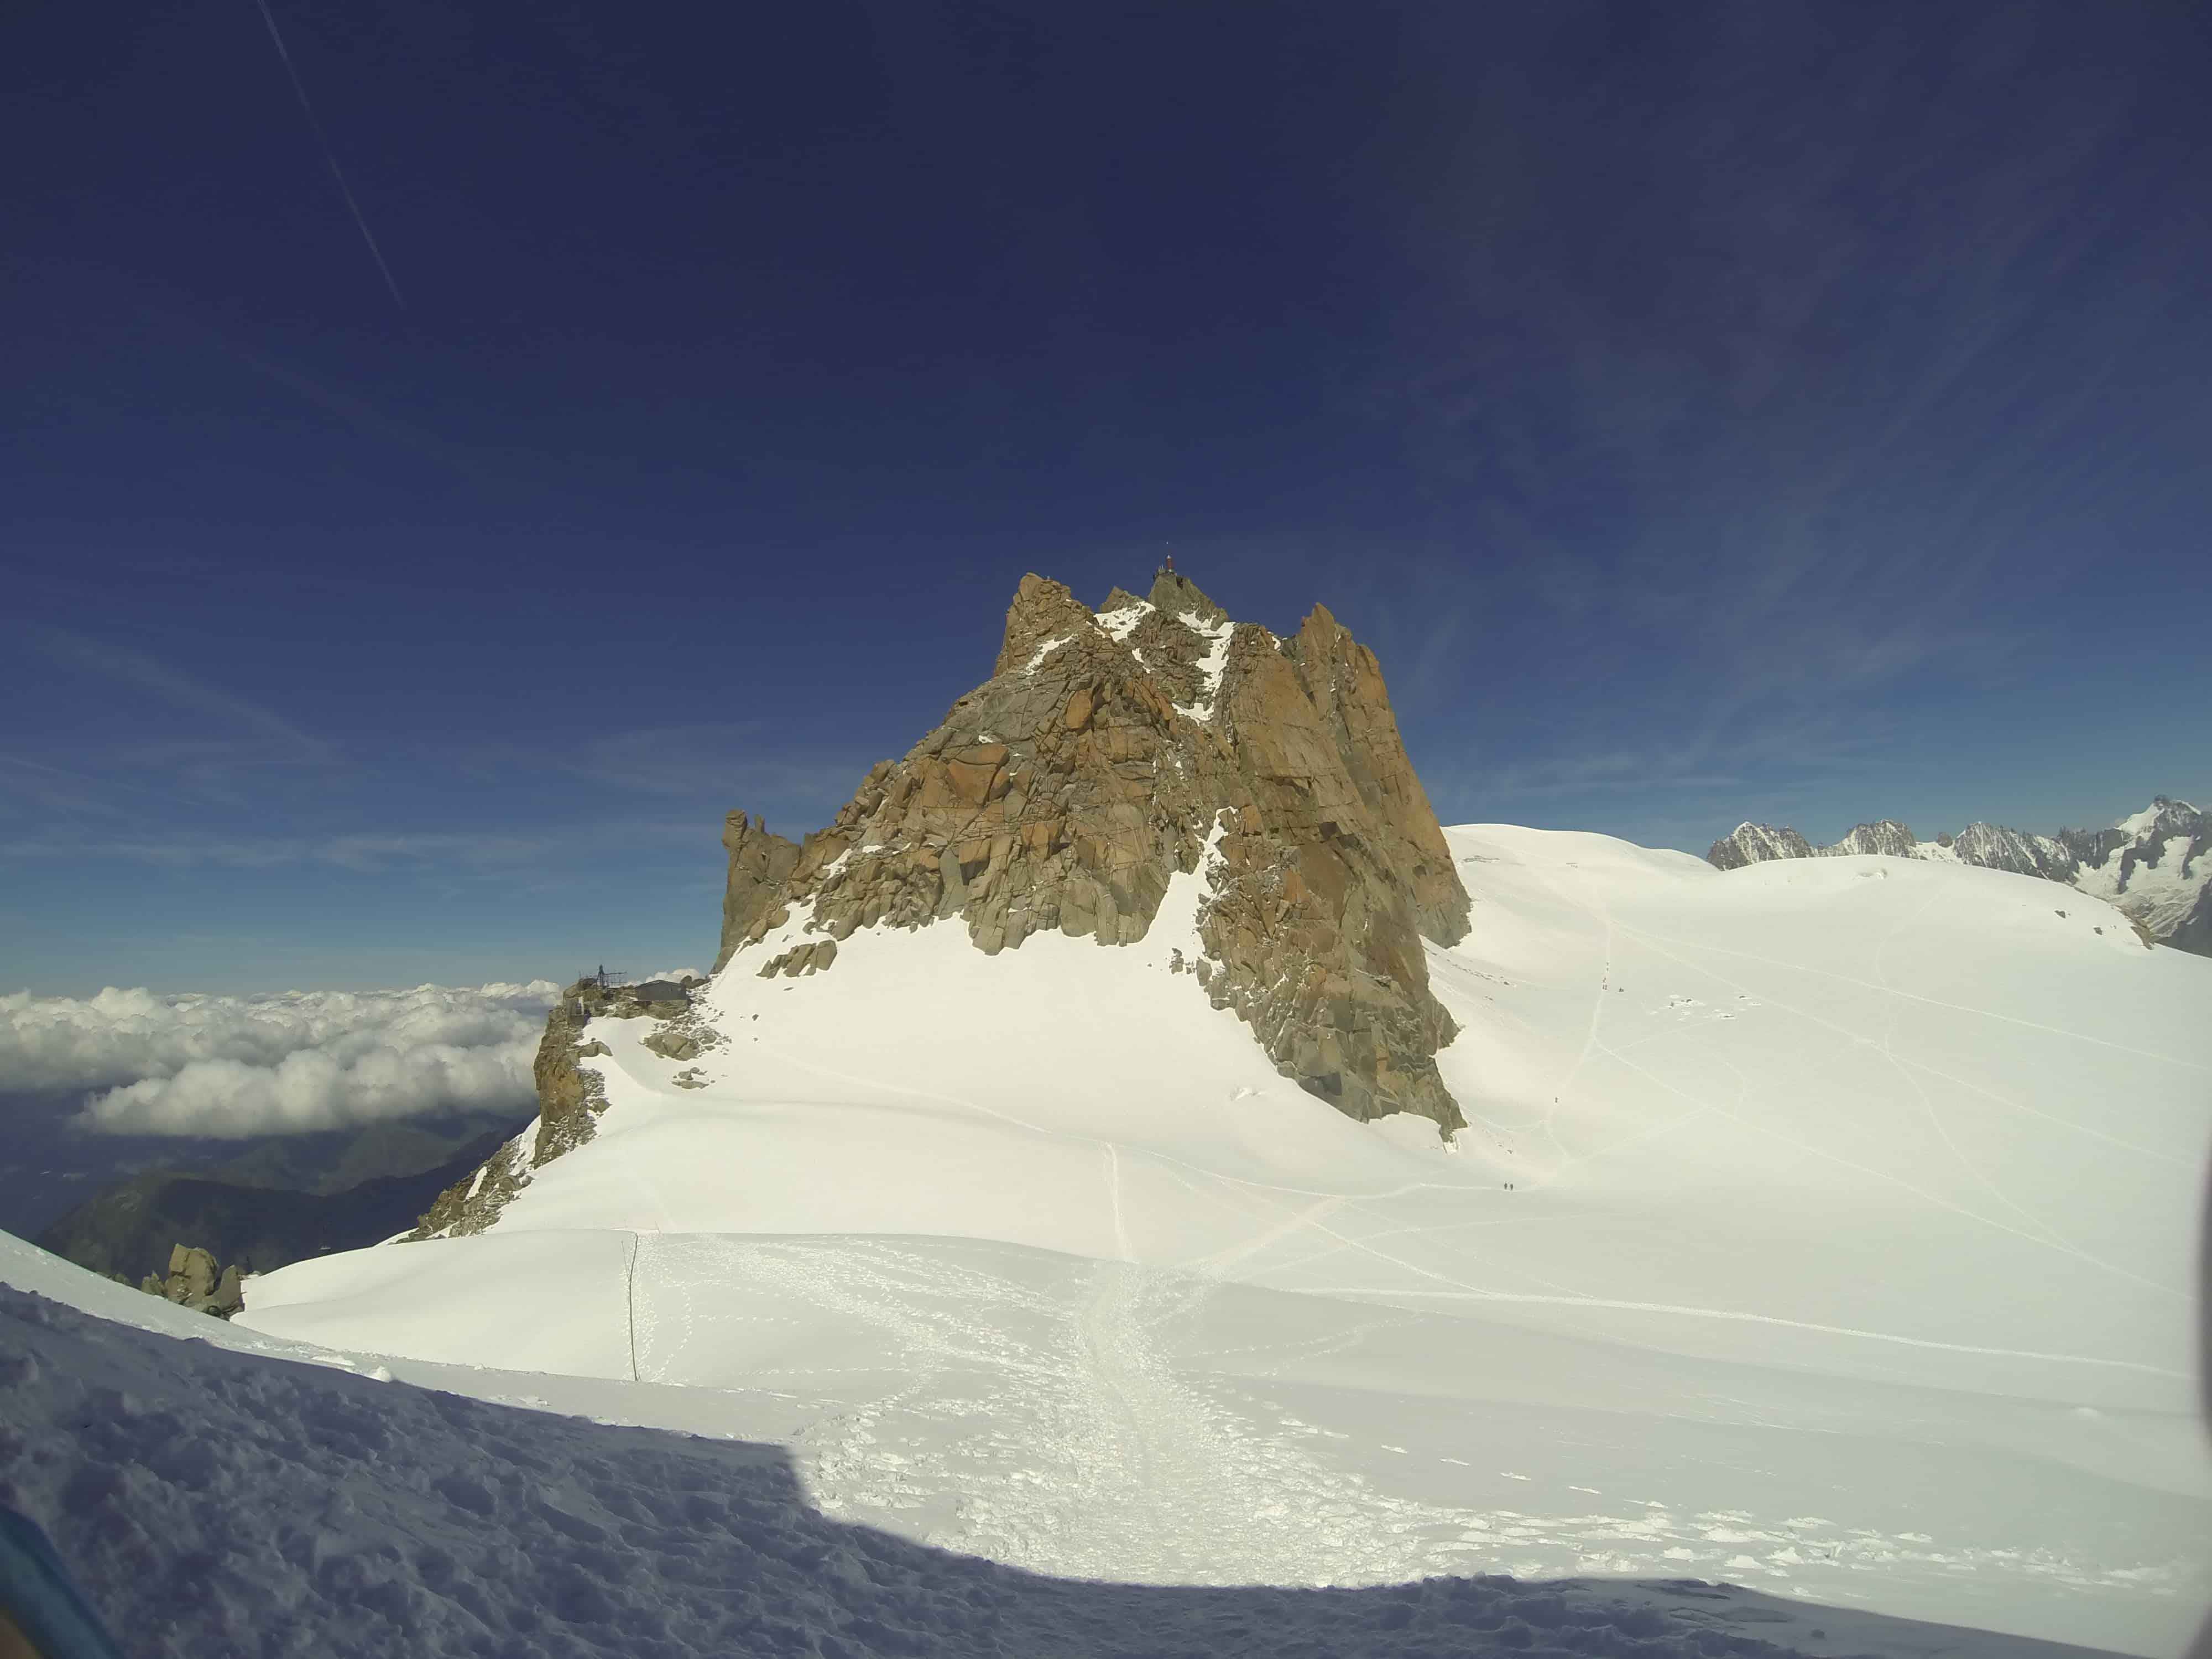 GOPR1748 - Mont Blanc - Zum höchsten Berg in den Alpen